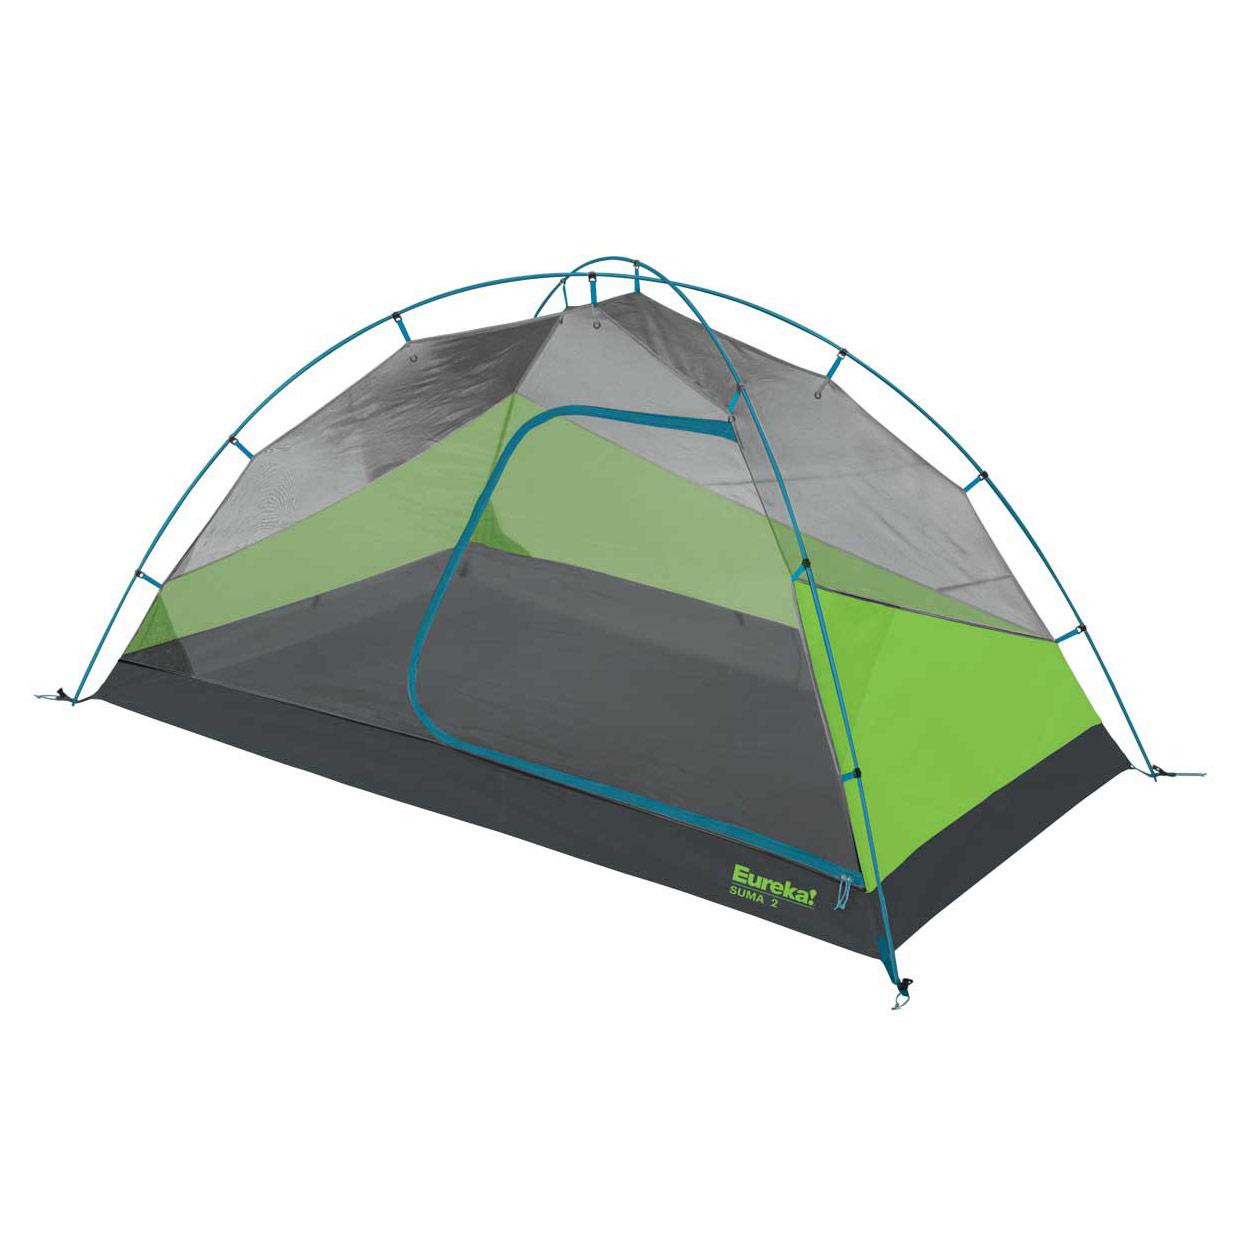 Suma 2 Tent